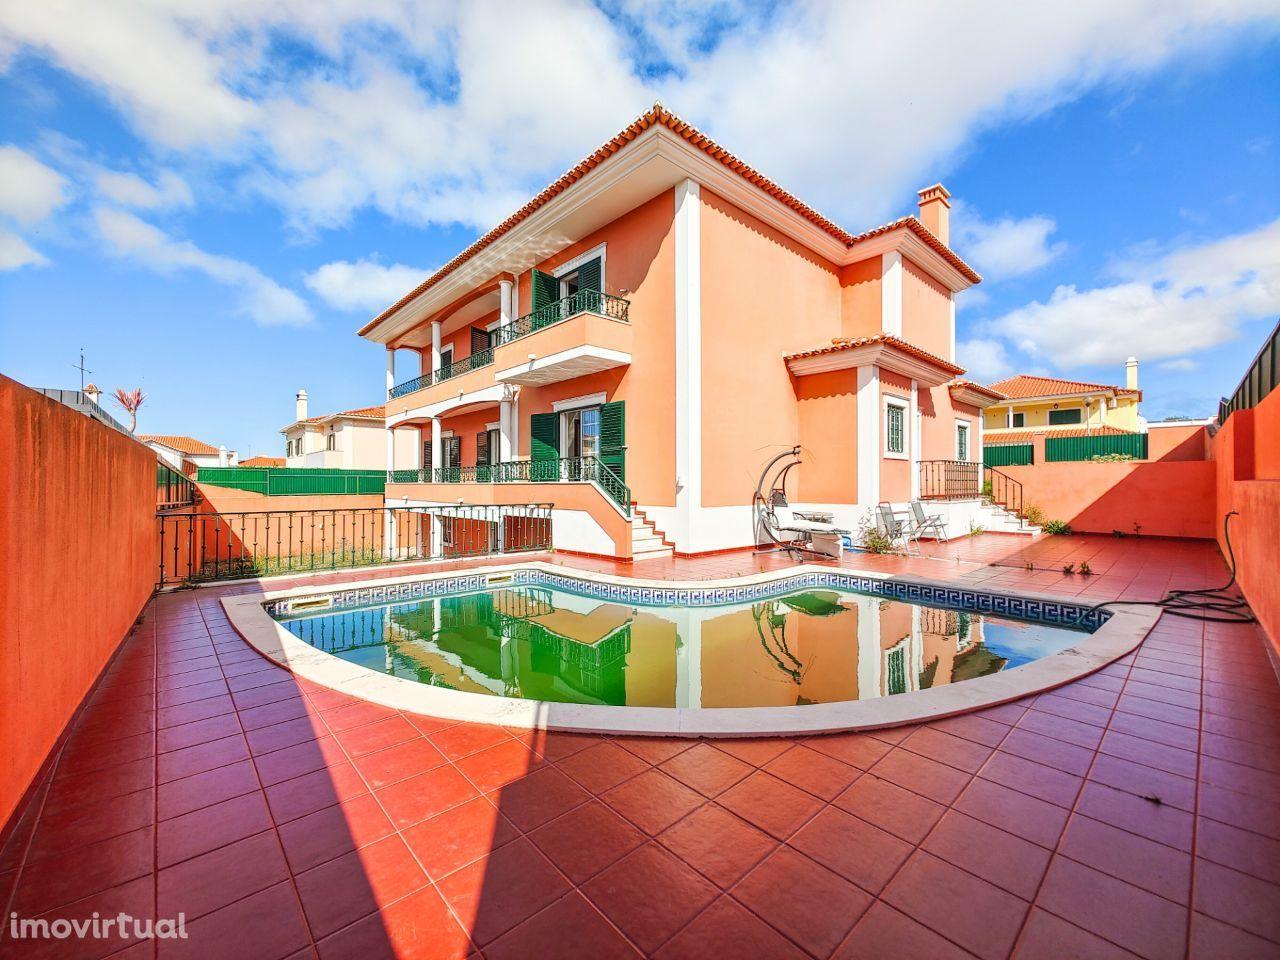 Moradia T5 Independente c/ piscina, Birre